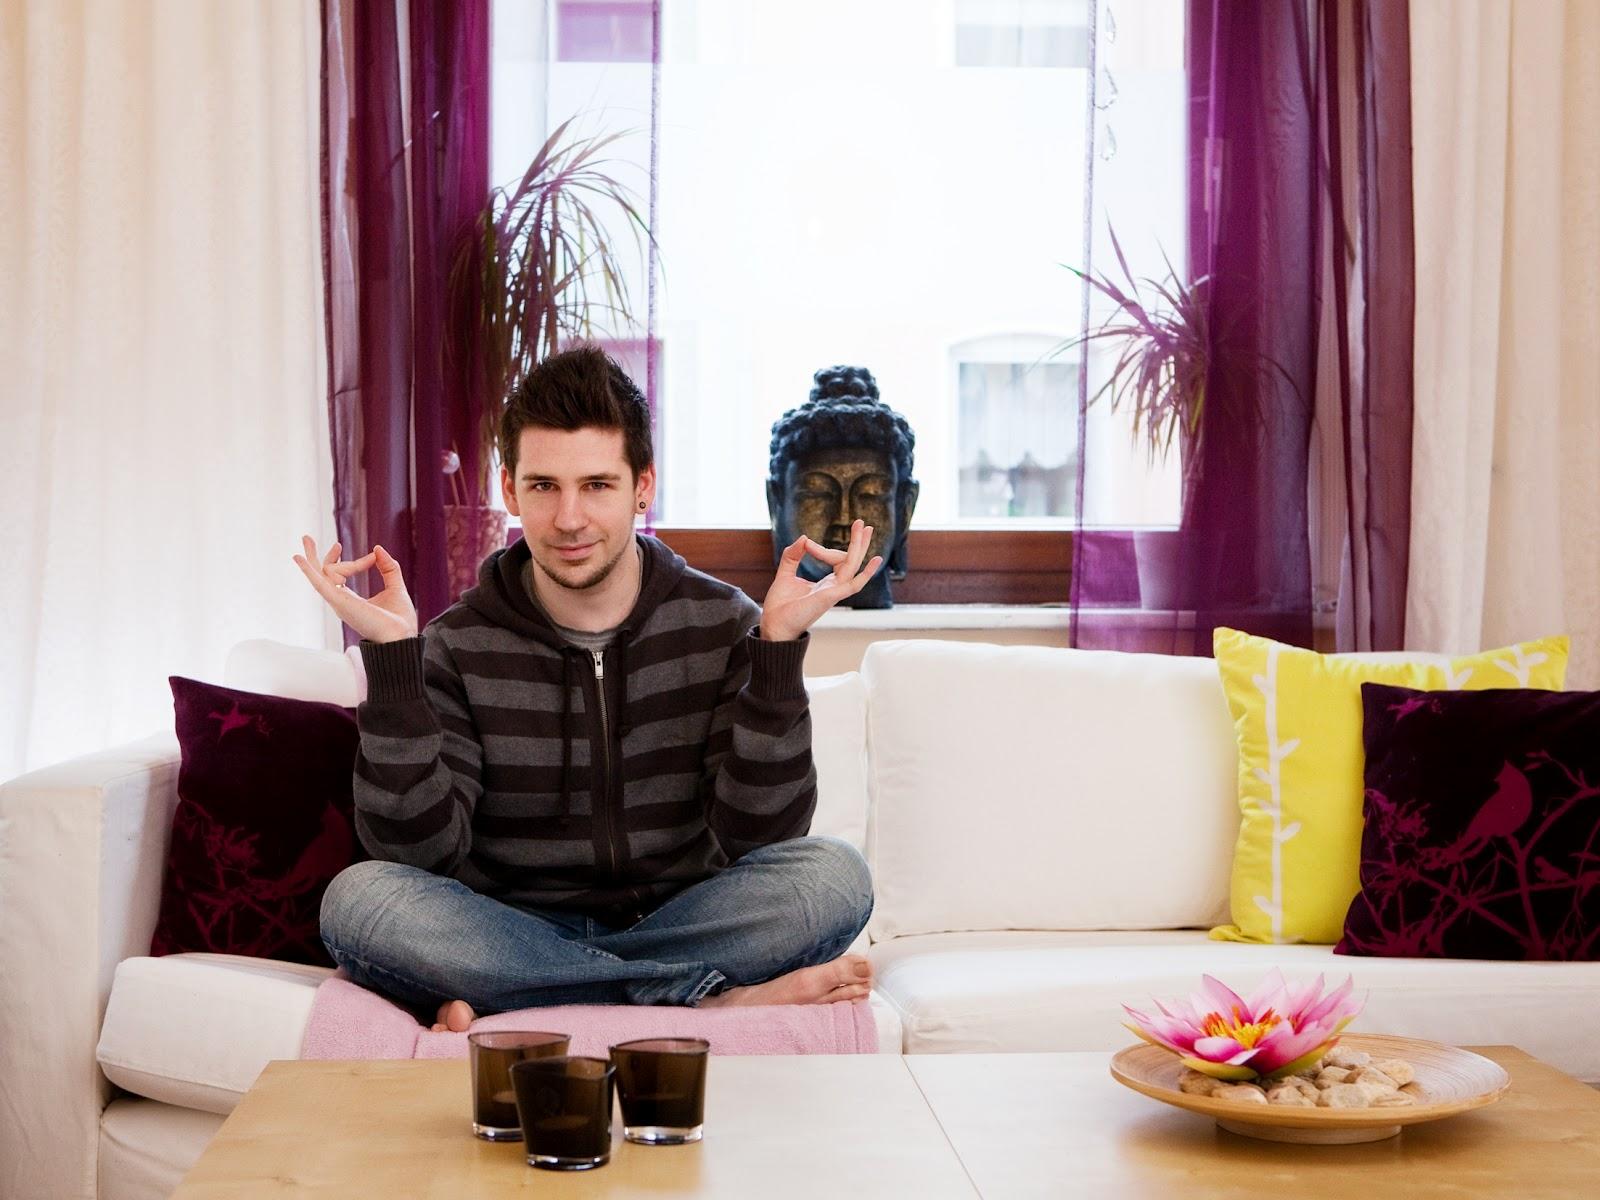 bastian der wohnprinz wohnblogger im videoformat ich liebe mein sofa ikea karlstad. Black Bedroom Furniture Sets. Home Design Ideas